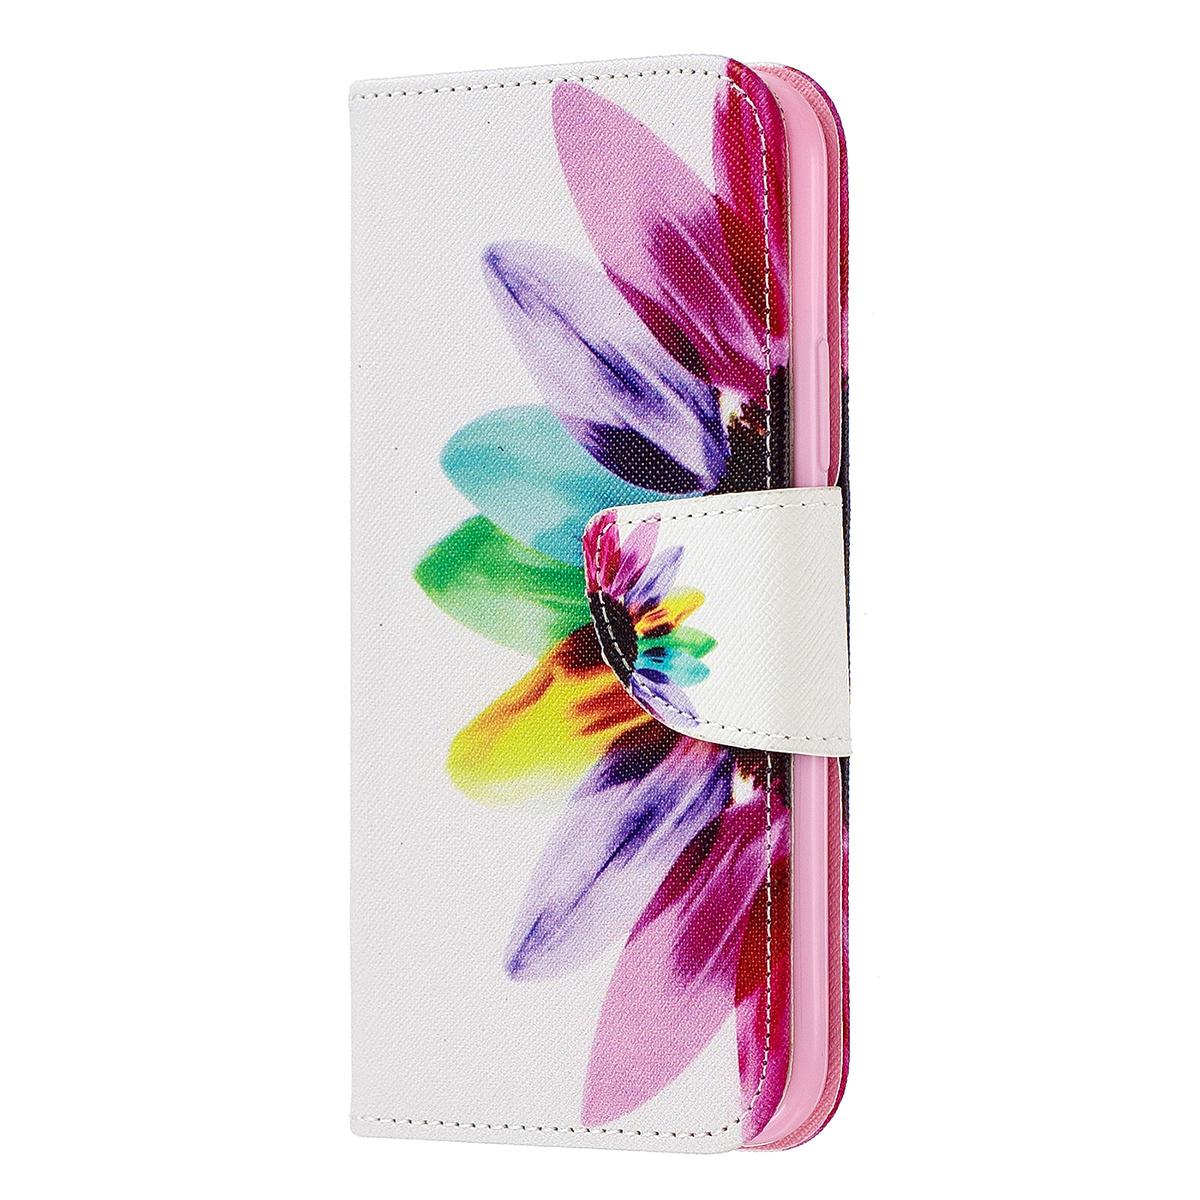 Läderfodral med ställ/kortplats, vacker blomma, iPhone 11 Pro